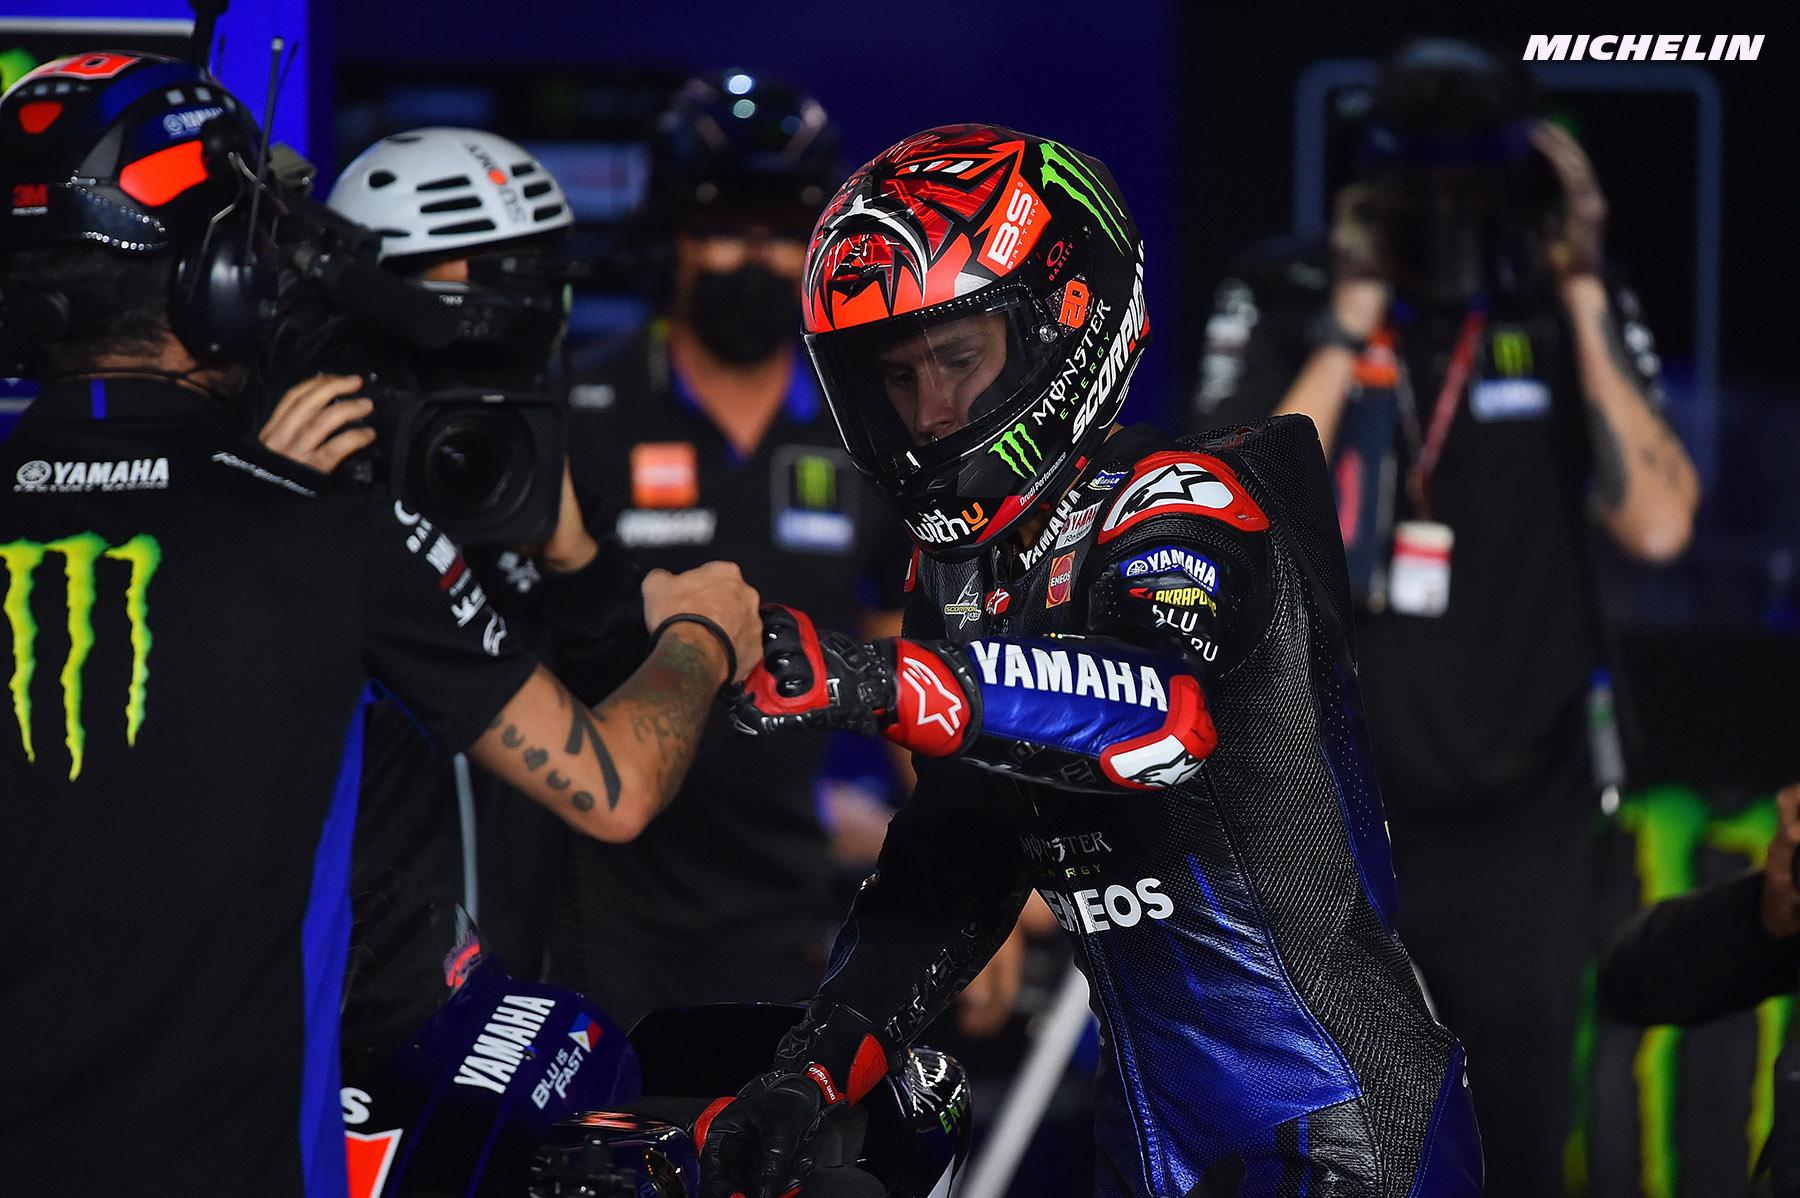 ドーハGP 予選5位ファビオ・クアルタラロ「ギアボックス変更が予選パフォーマンスに悪影響」